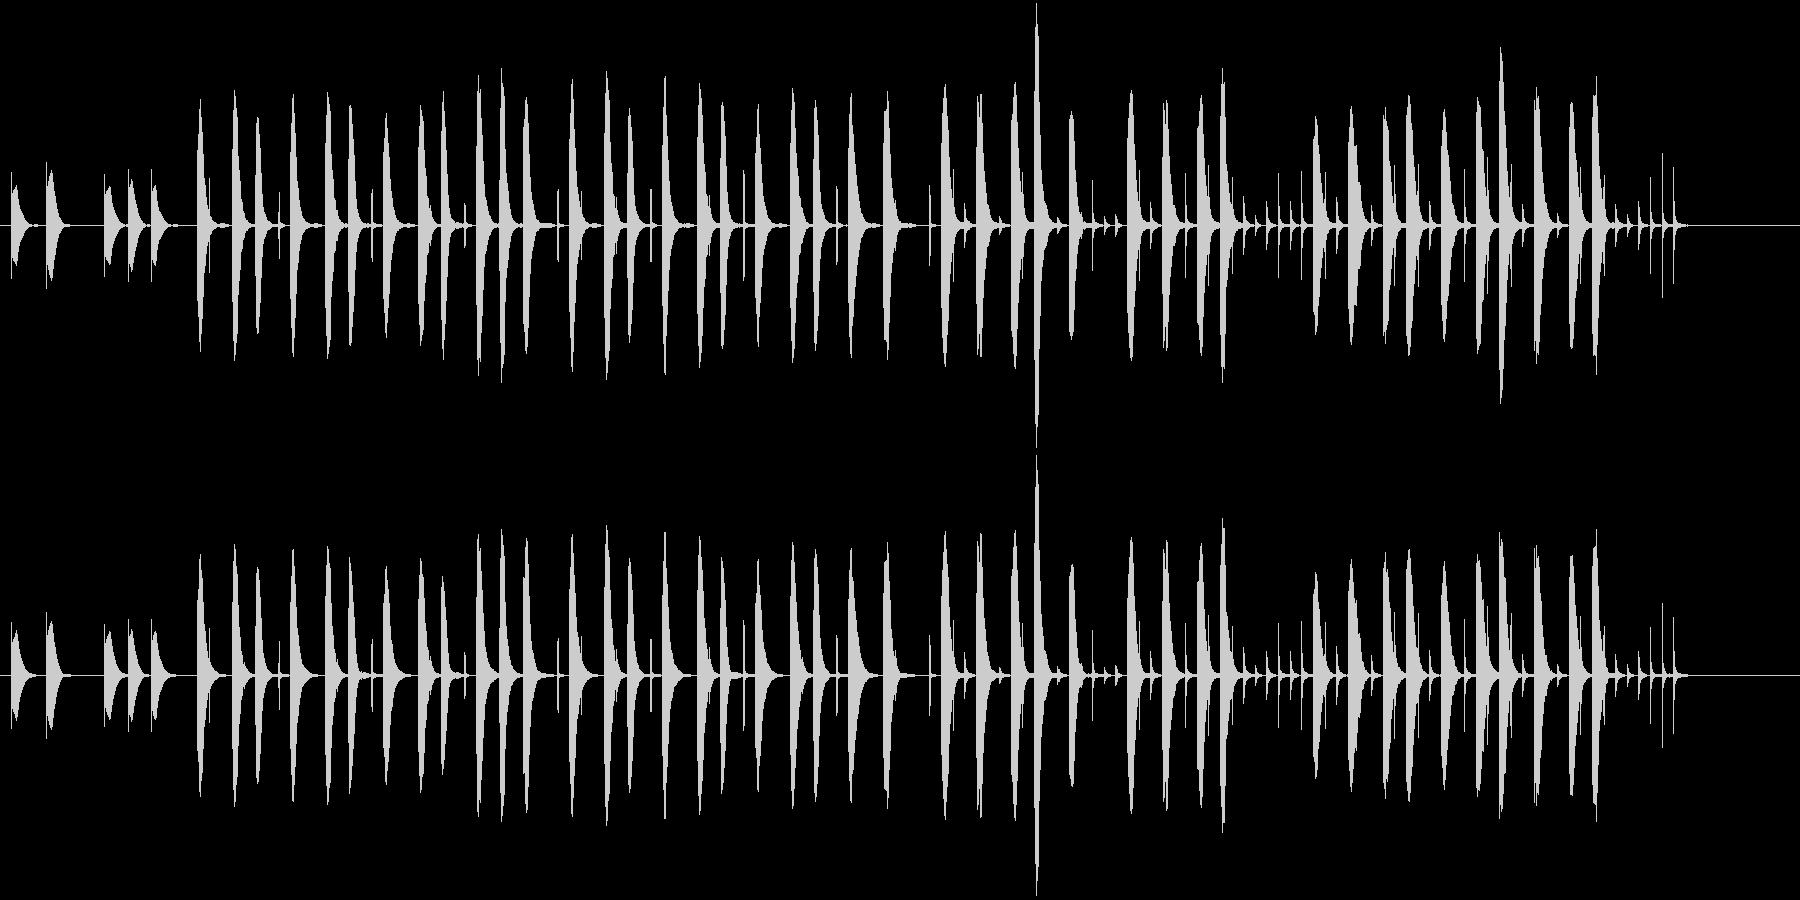 コミカルな場面で使えそうな木琴の曲の未再生の波形